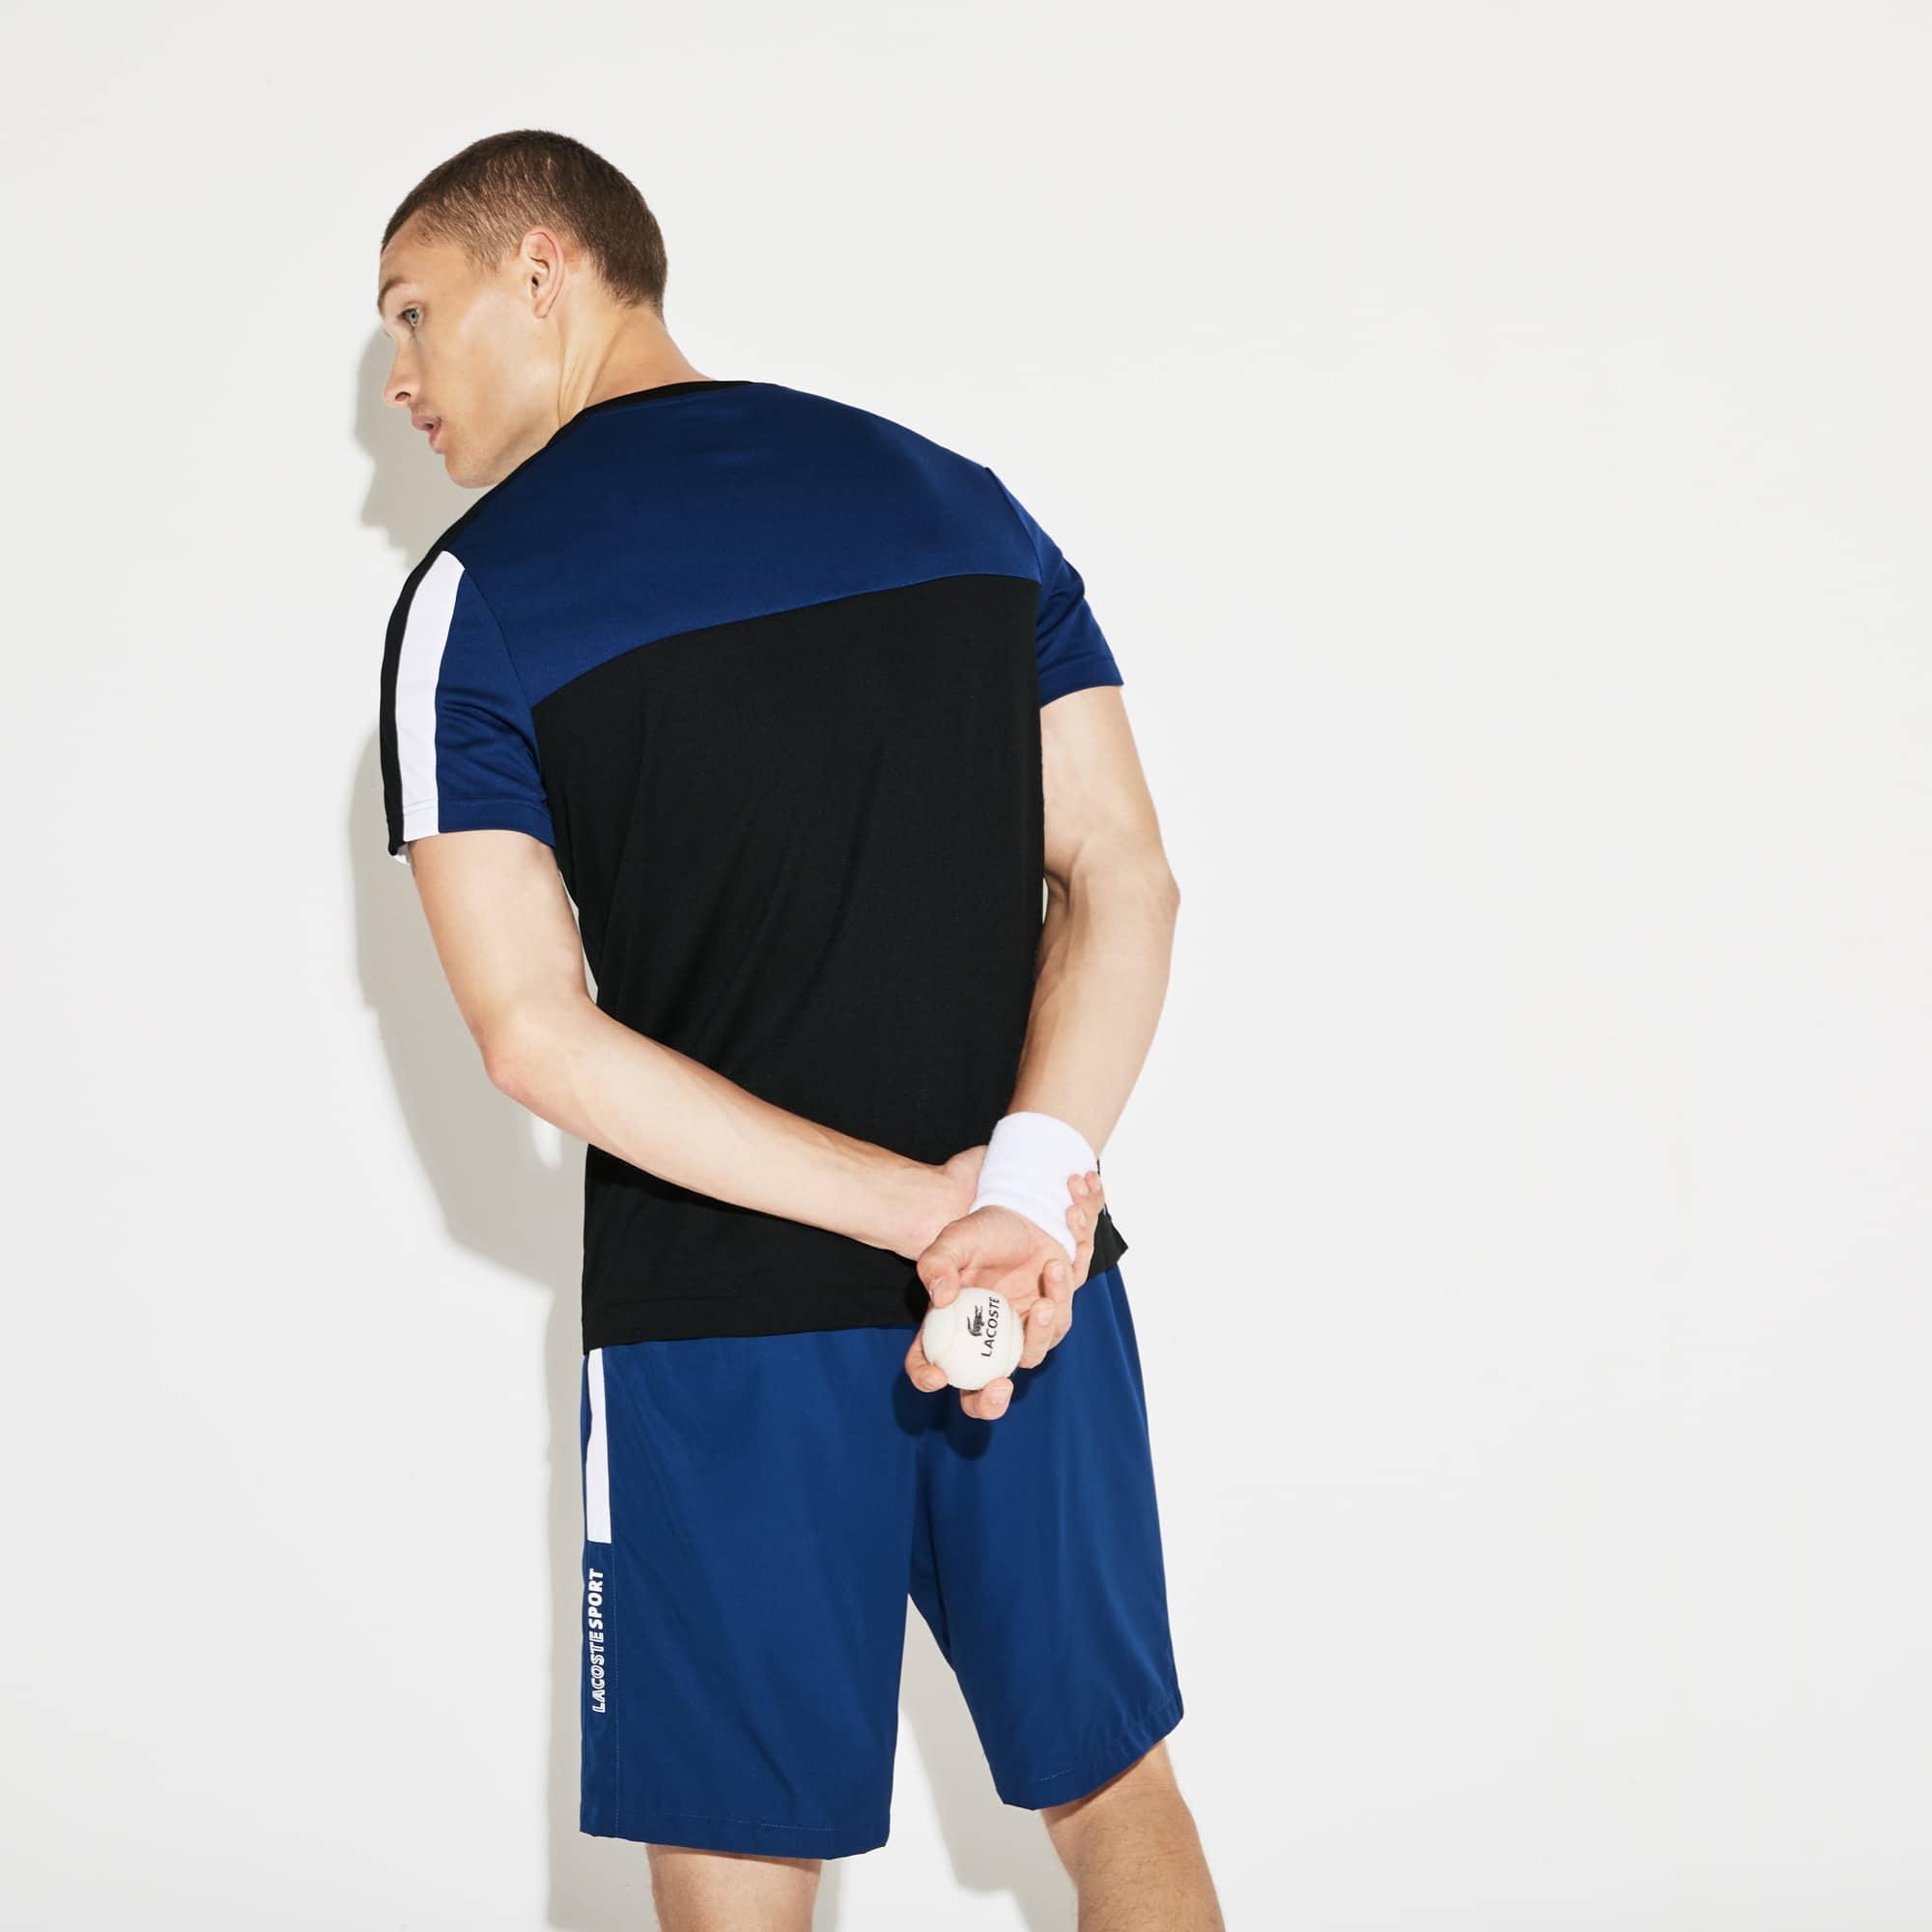 Lacoste - Herren LACOSTE SPORT Rundhals Tennis T-Shirt mit Colorblocks - 2